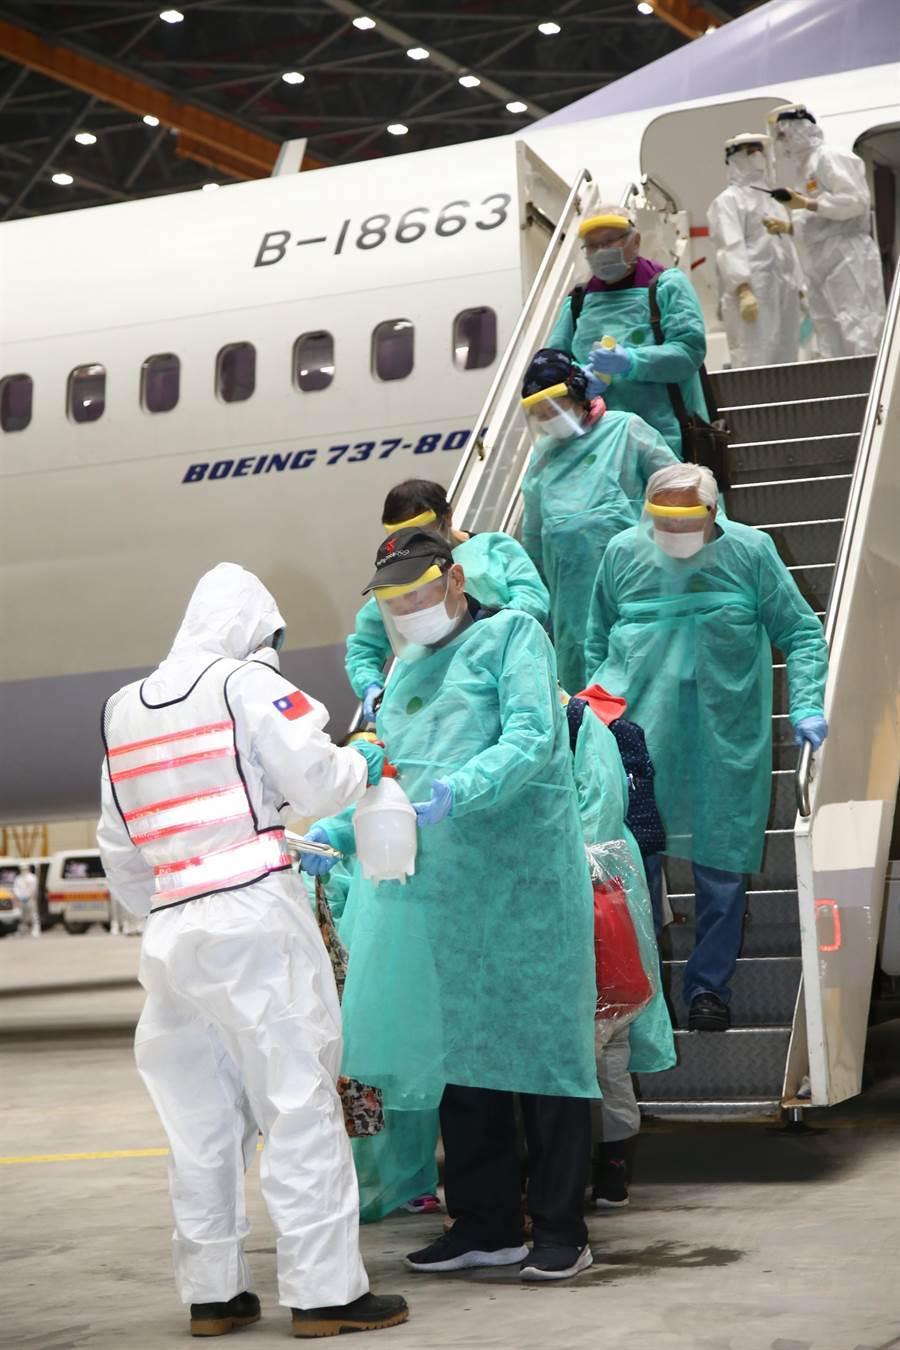 國防部派遣化學兵部隊,於桃園機場執行防疫消毒作業,為包機返台旅客消毒。(軍聞社)